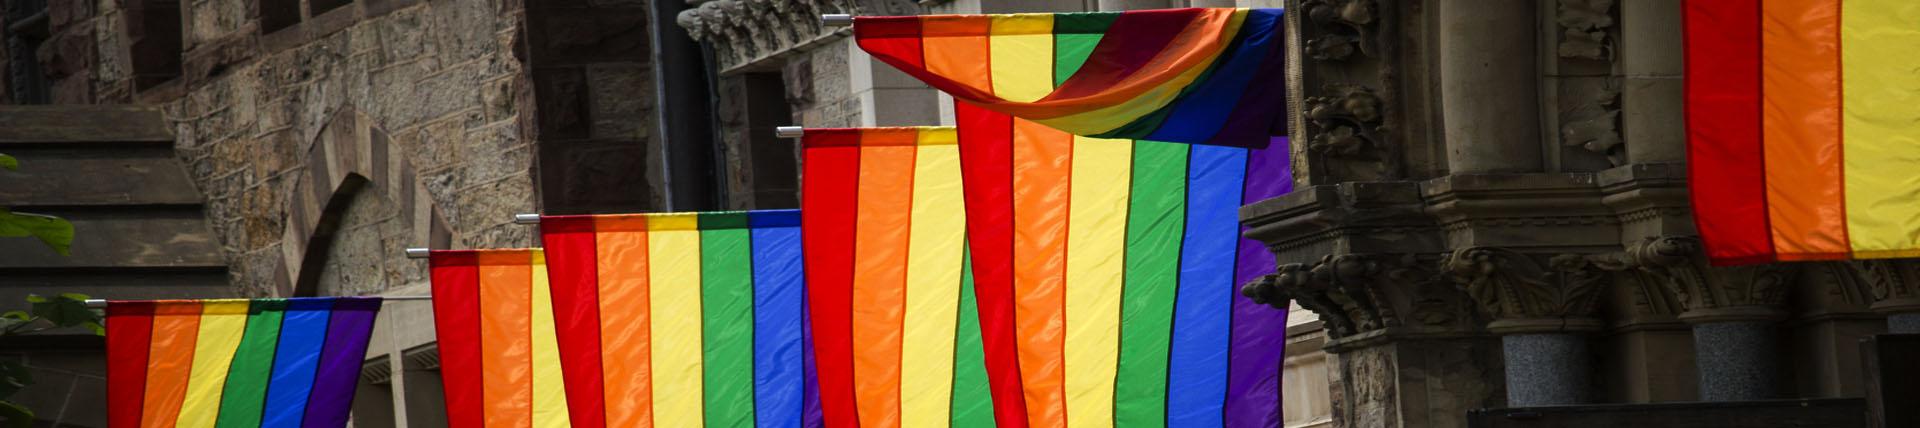 获赠Gay.com后,洛杉矶同志中心又获中国企业赠送LGBT.cn域名